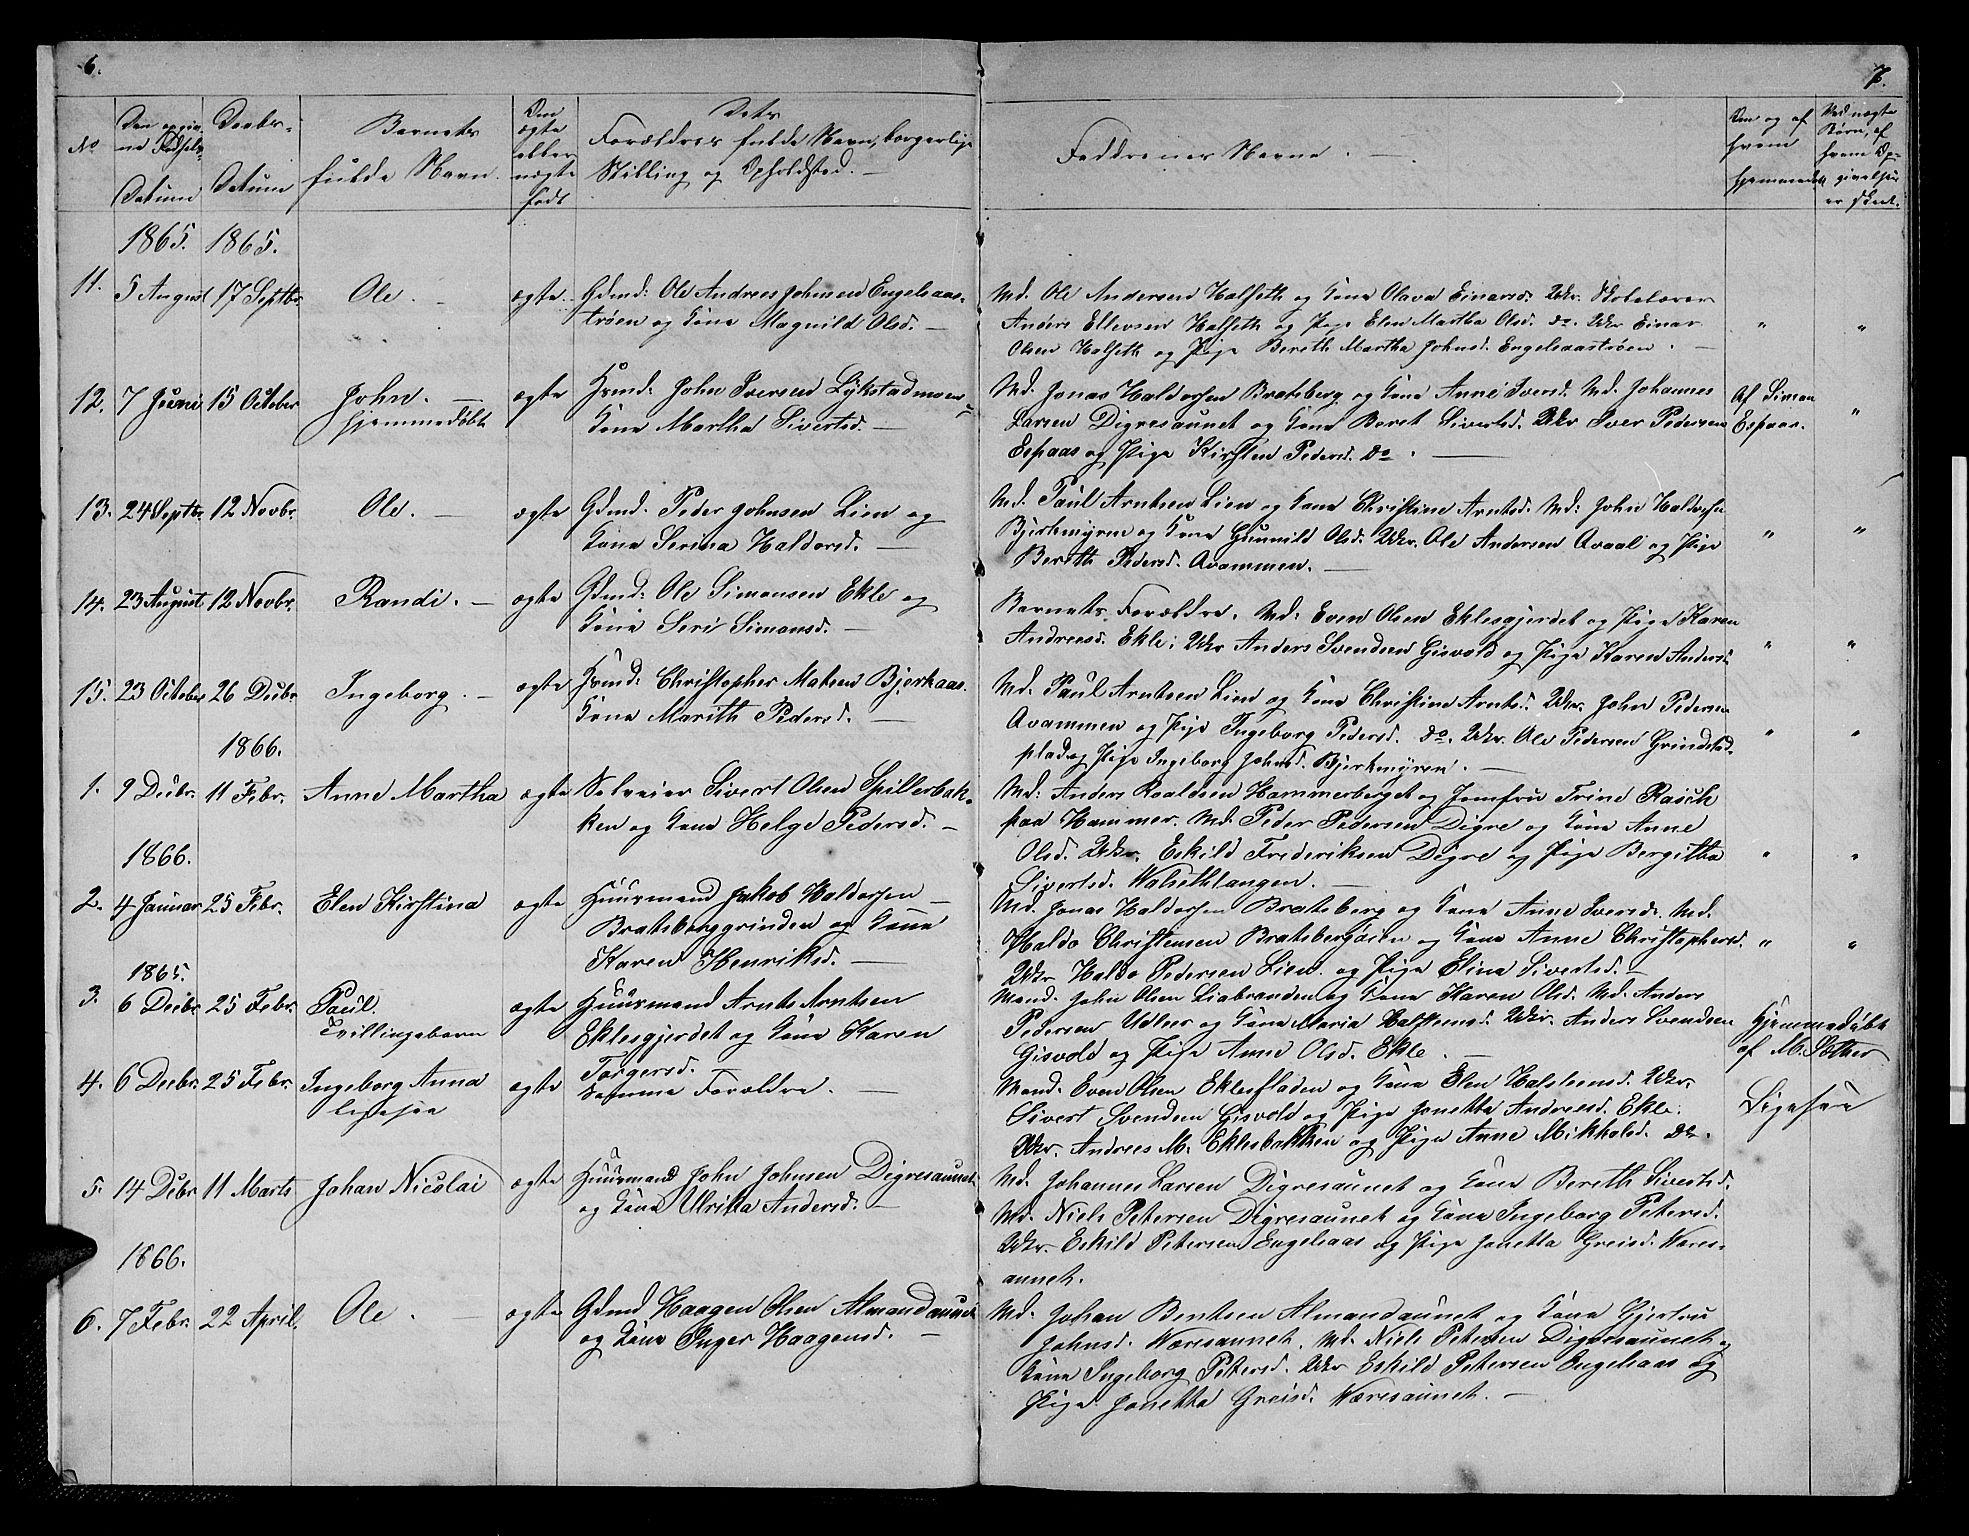 SAT, Ministerialprotokoller, klokkerbøker og fødselsregistre - Sør-Trøndelag, 608/L0340: Klokkerbok nr. 608C06, 1864-1889, s. 6-7